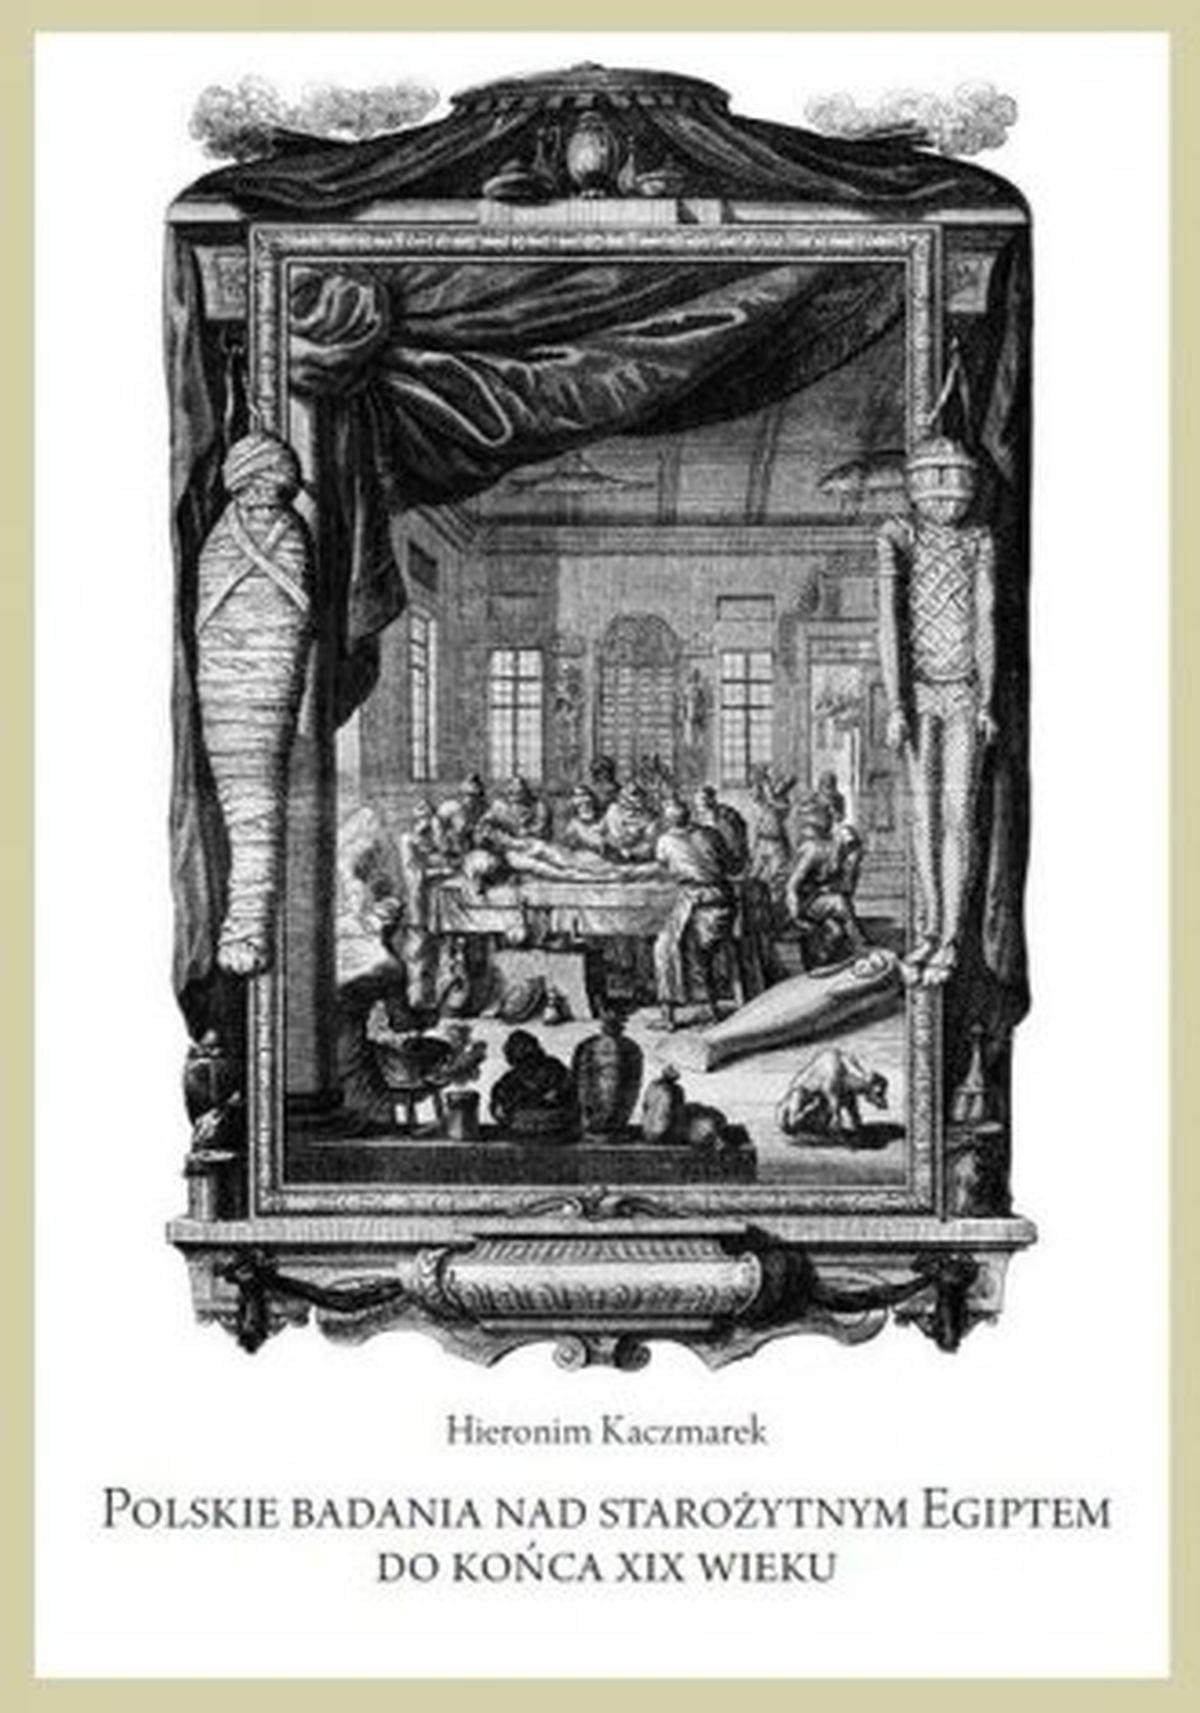 Polskie badania nad starożytnym Egiptem do końca XIX wieku